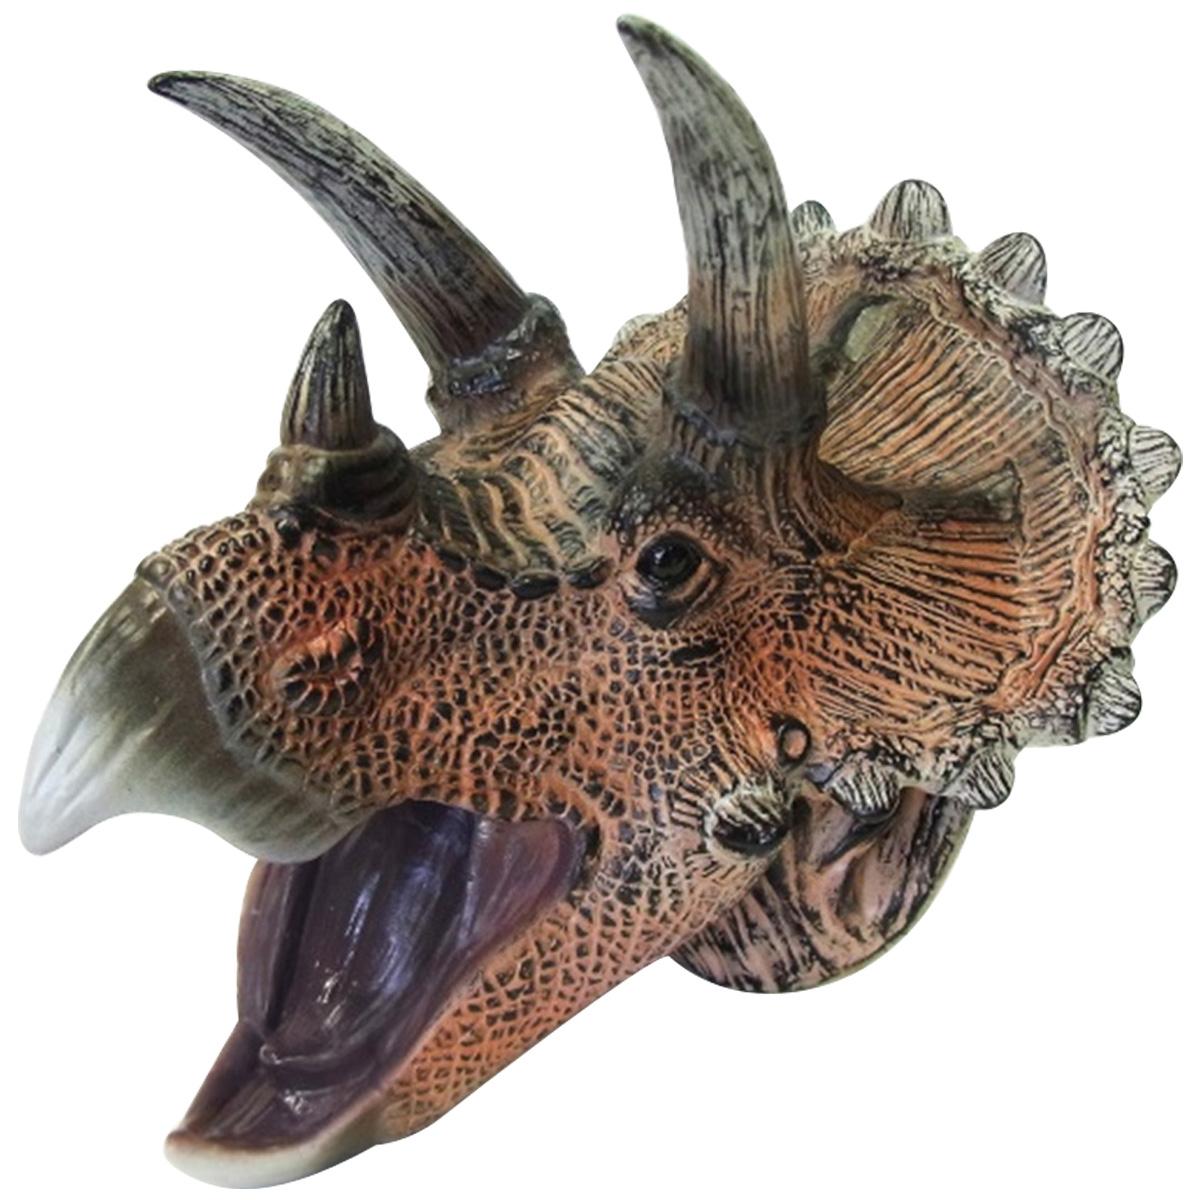 最強生物 ハンドパぺット トリケラトプス M1042